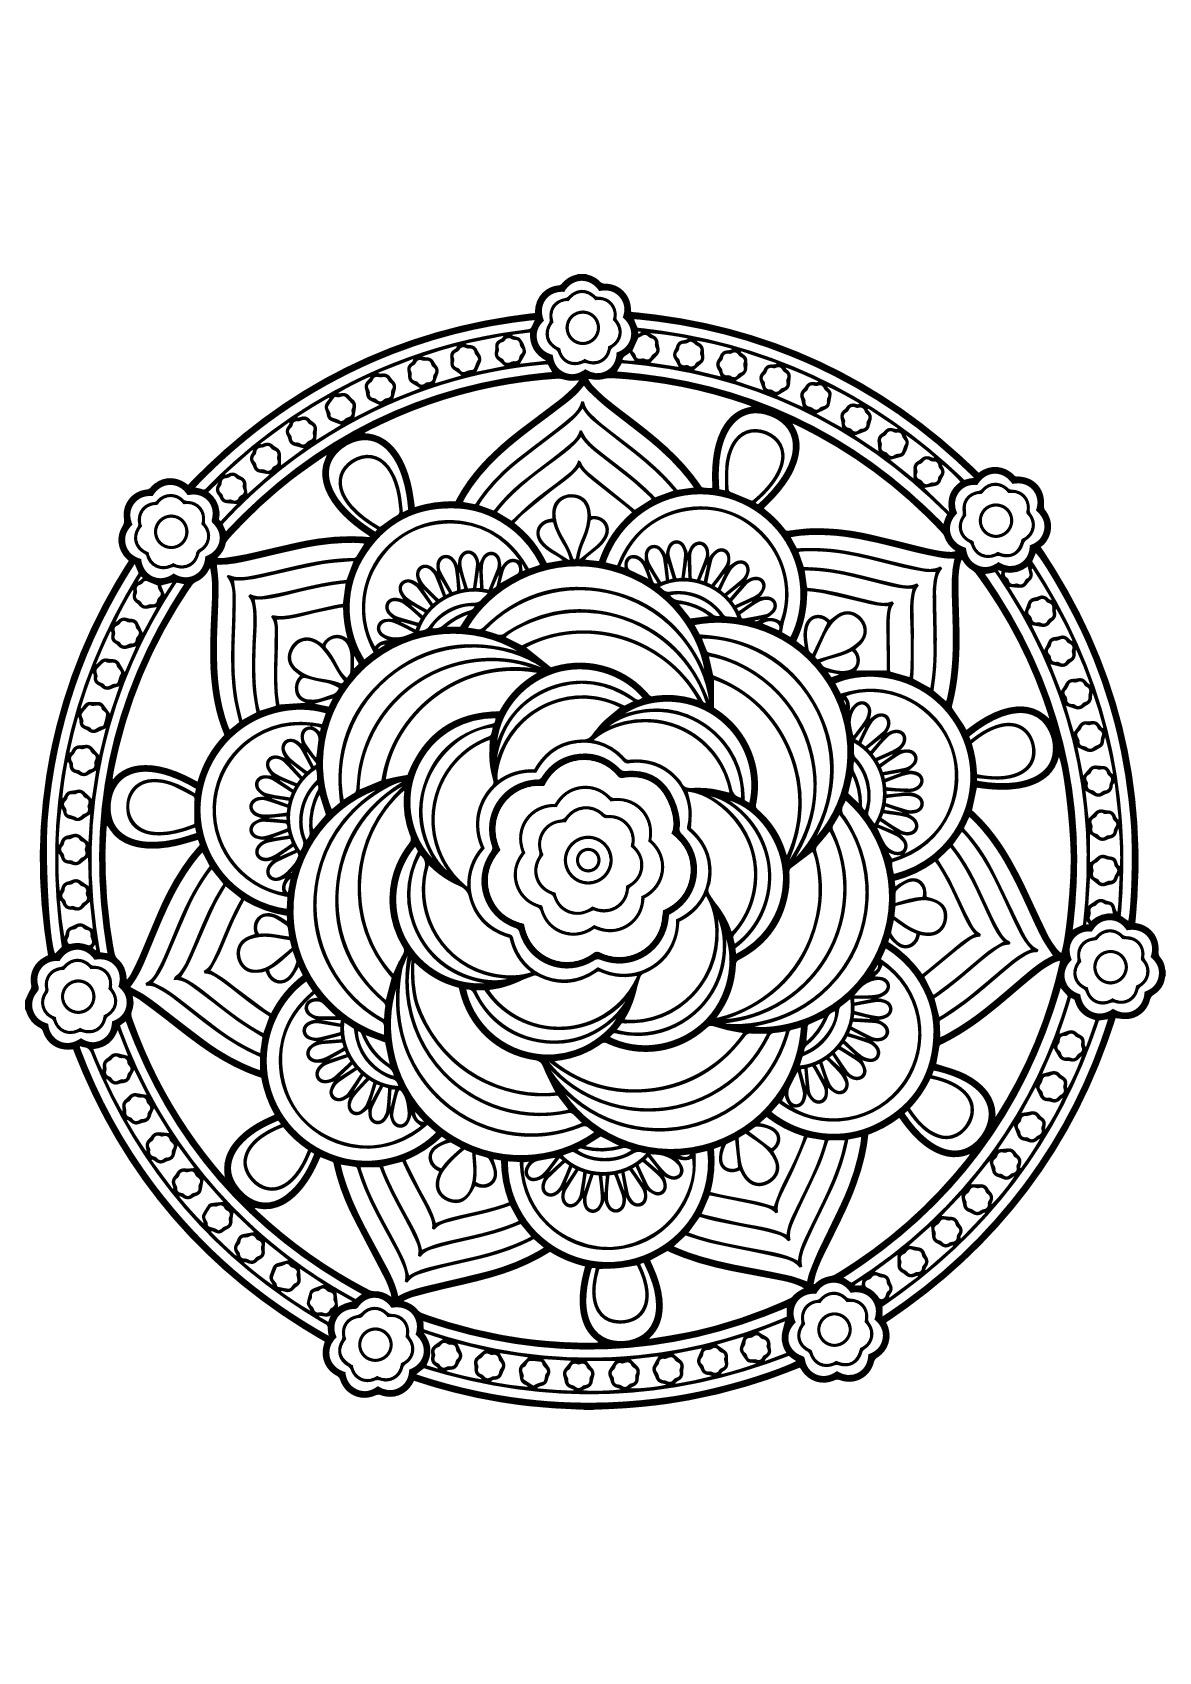 Mandala complexe tiré d'un livre de coloriages gratuit